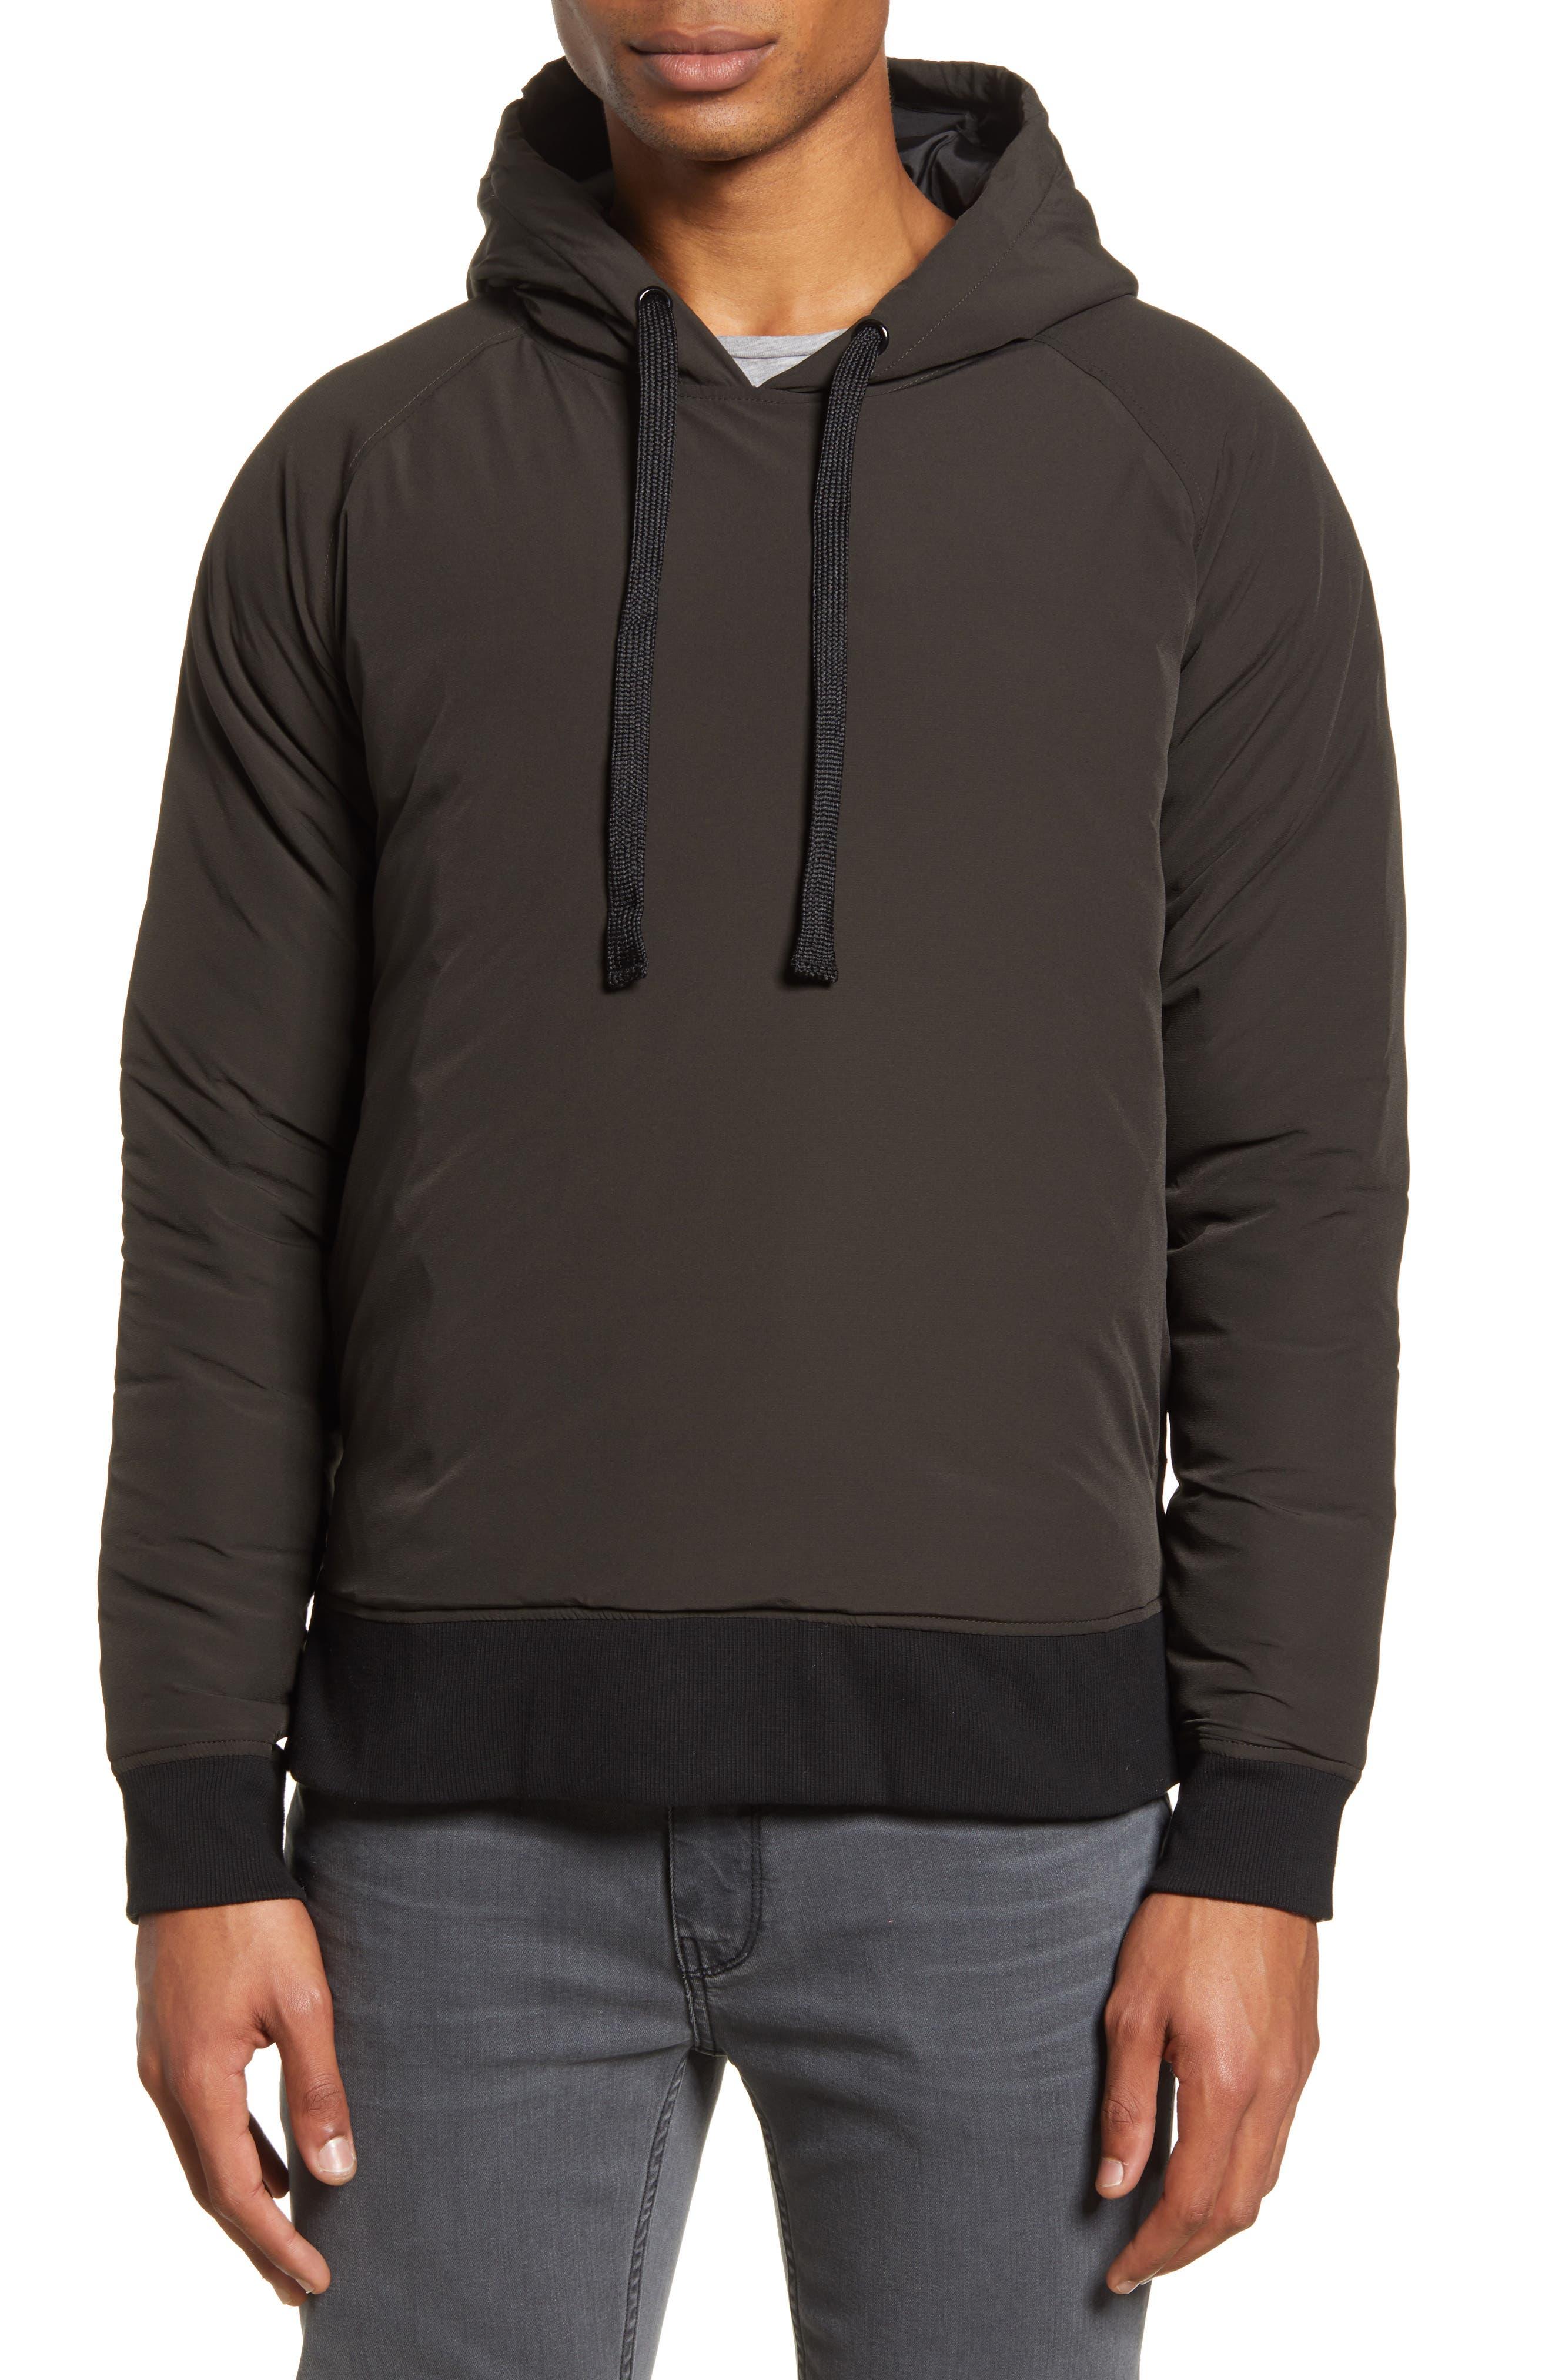 Image of ACYCLIC Side Zip Slim Fit Hooded Jacket